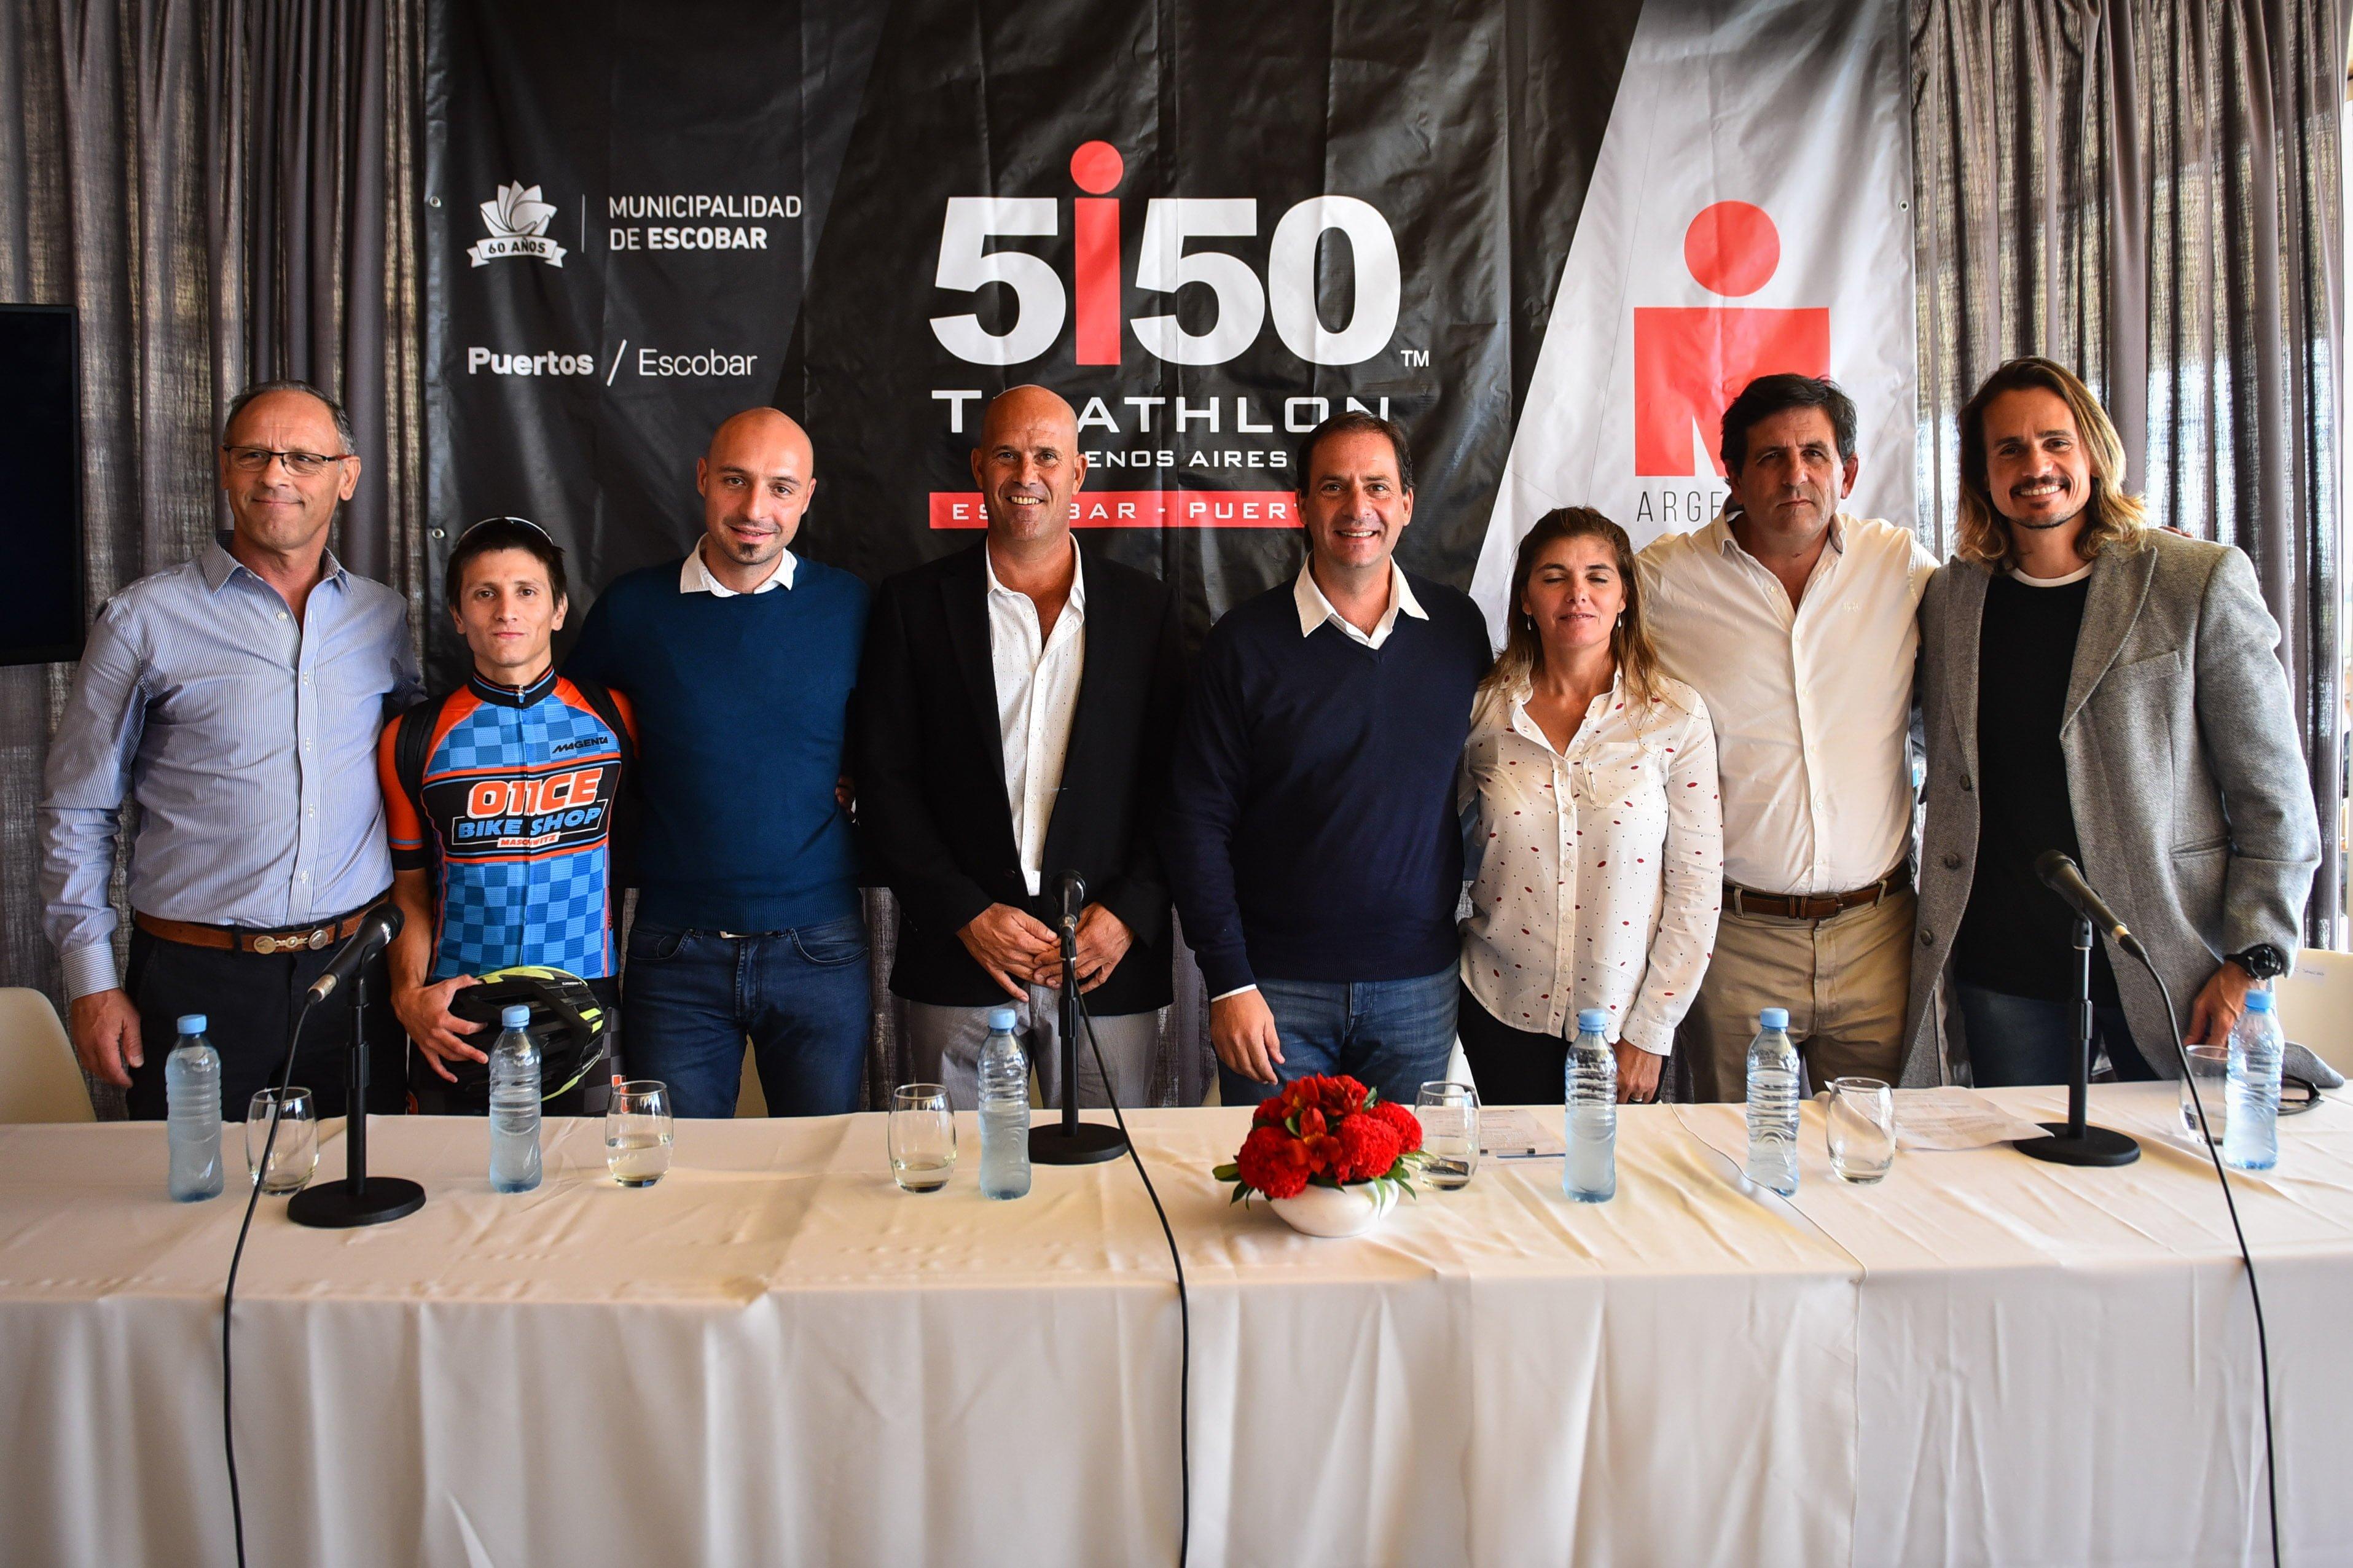 Organizarán un Ironman en Puertos